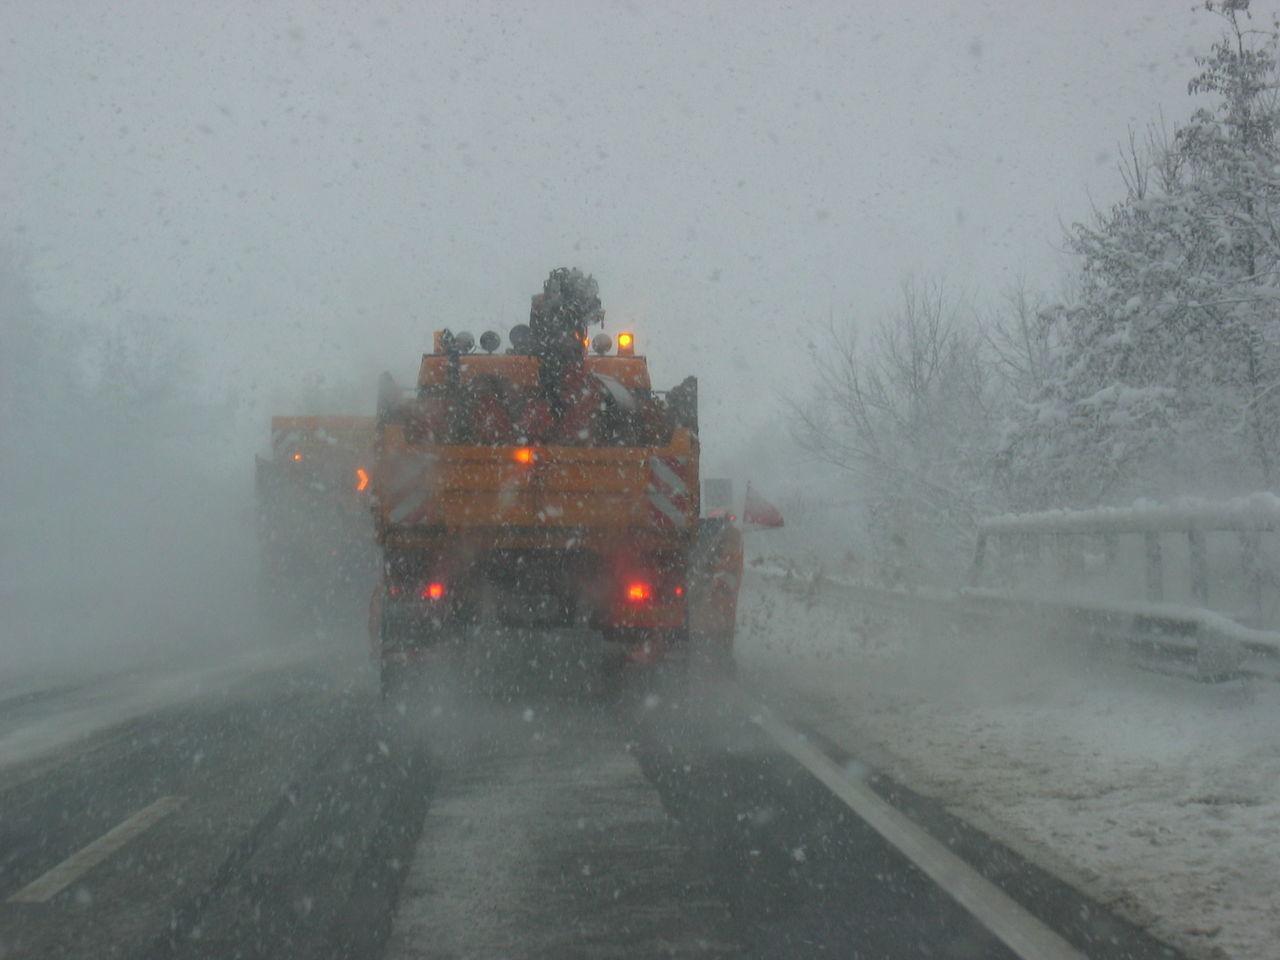 Schleudergefahr Autobahn Bad Road Conditions Cold Temperature Fog Foggy Highway Mist Road Snow Transportation Weather Winter Winterliche Fahrverhältnisse